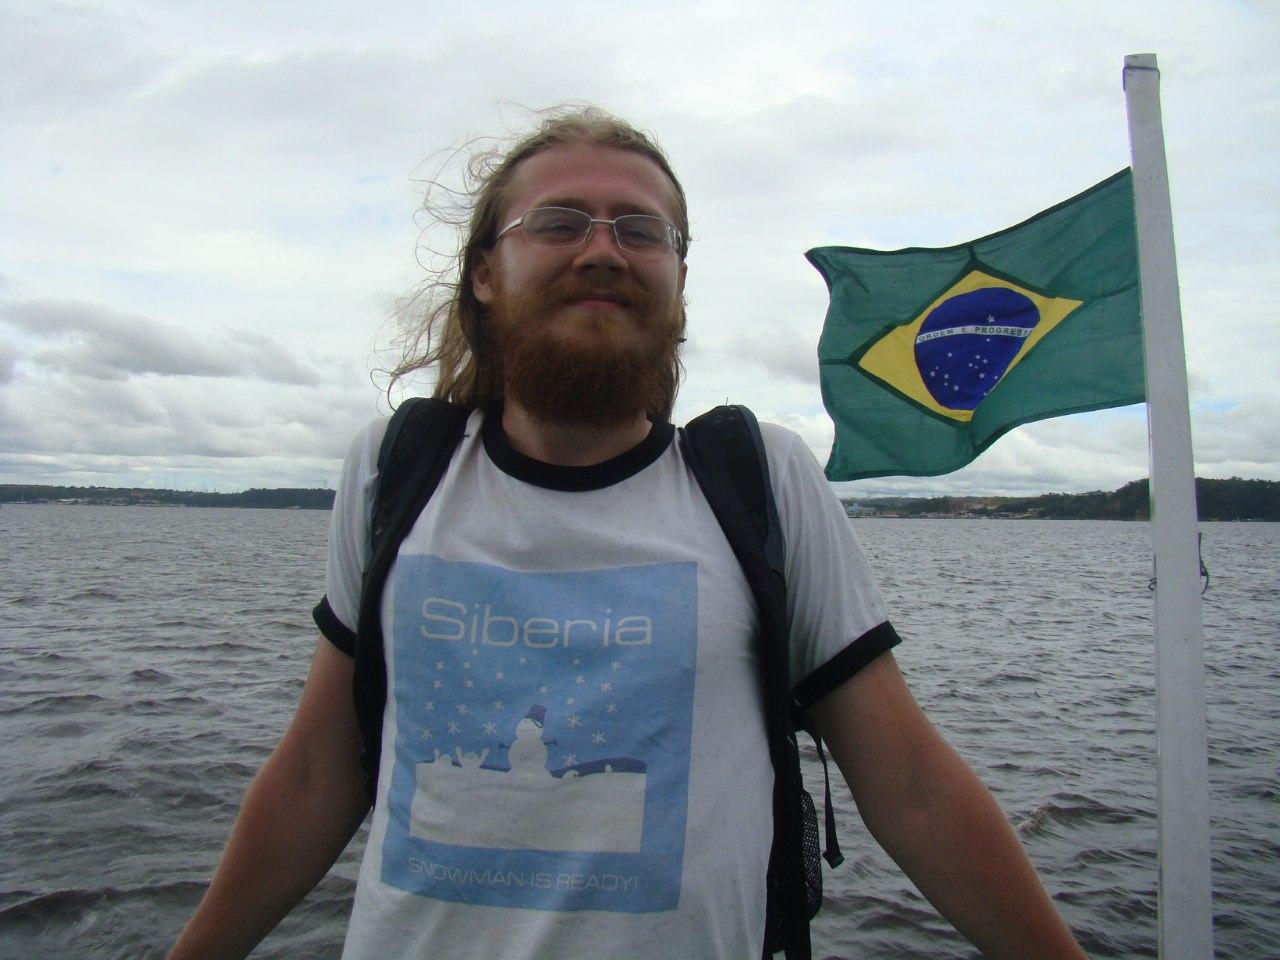 Brazil Siberia flag